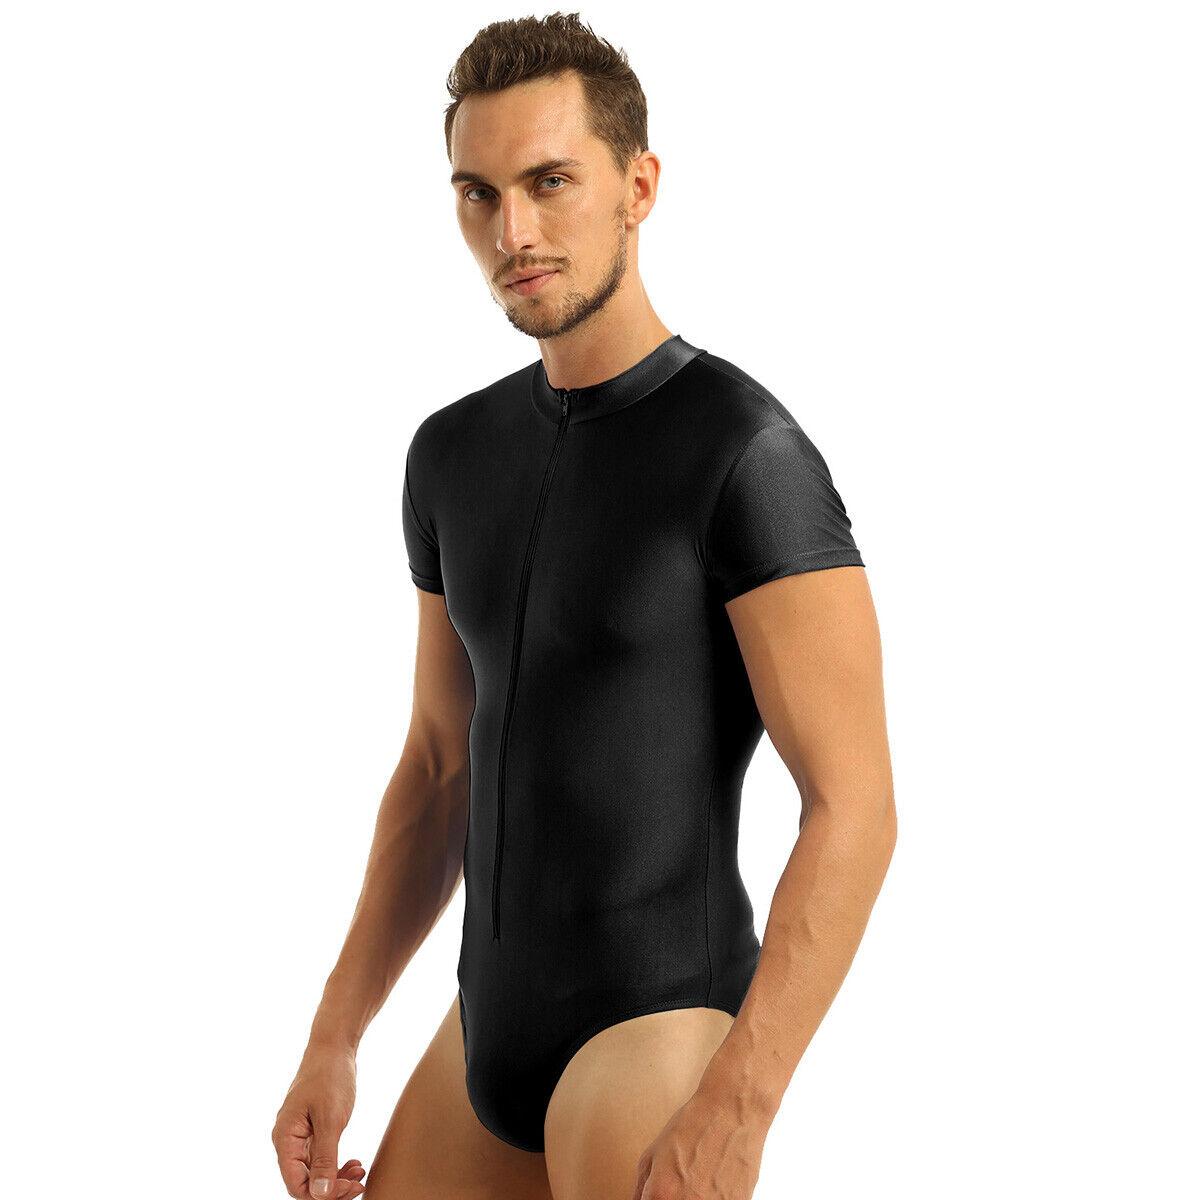 Mens Soft Tights Leotard Stand Collar Bodysuit Zipper Jumpsuit Singlet Underwear